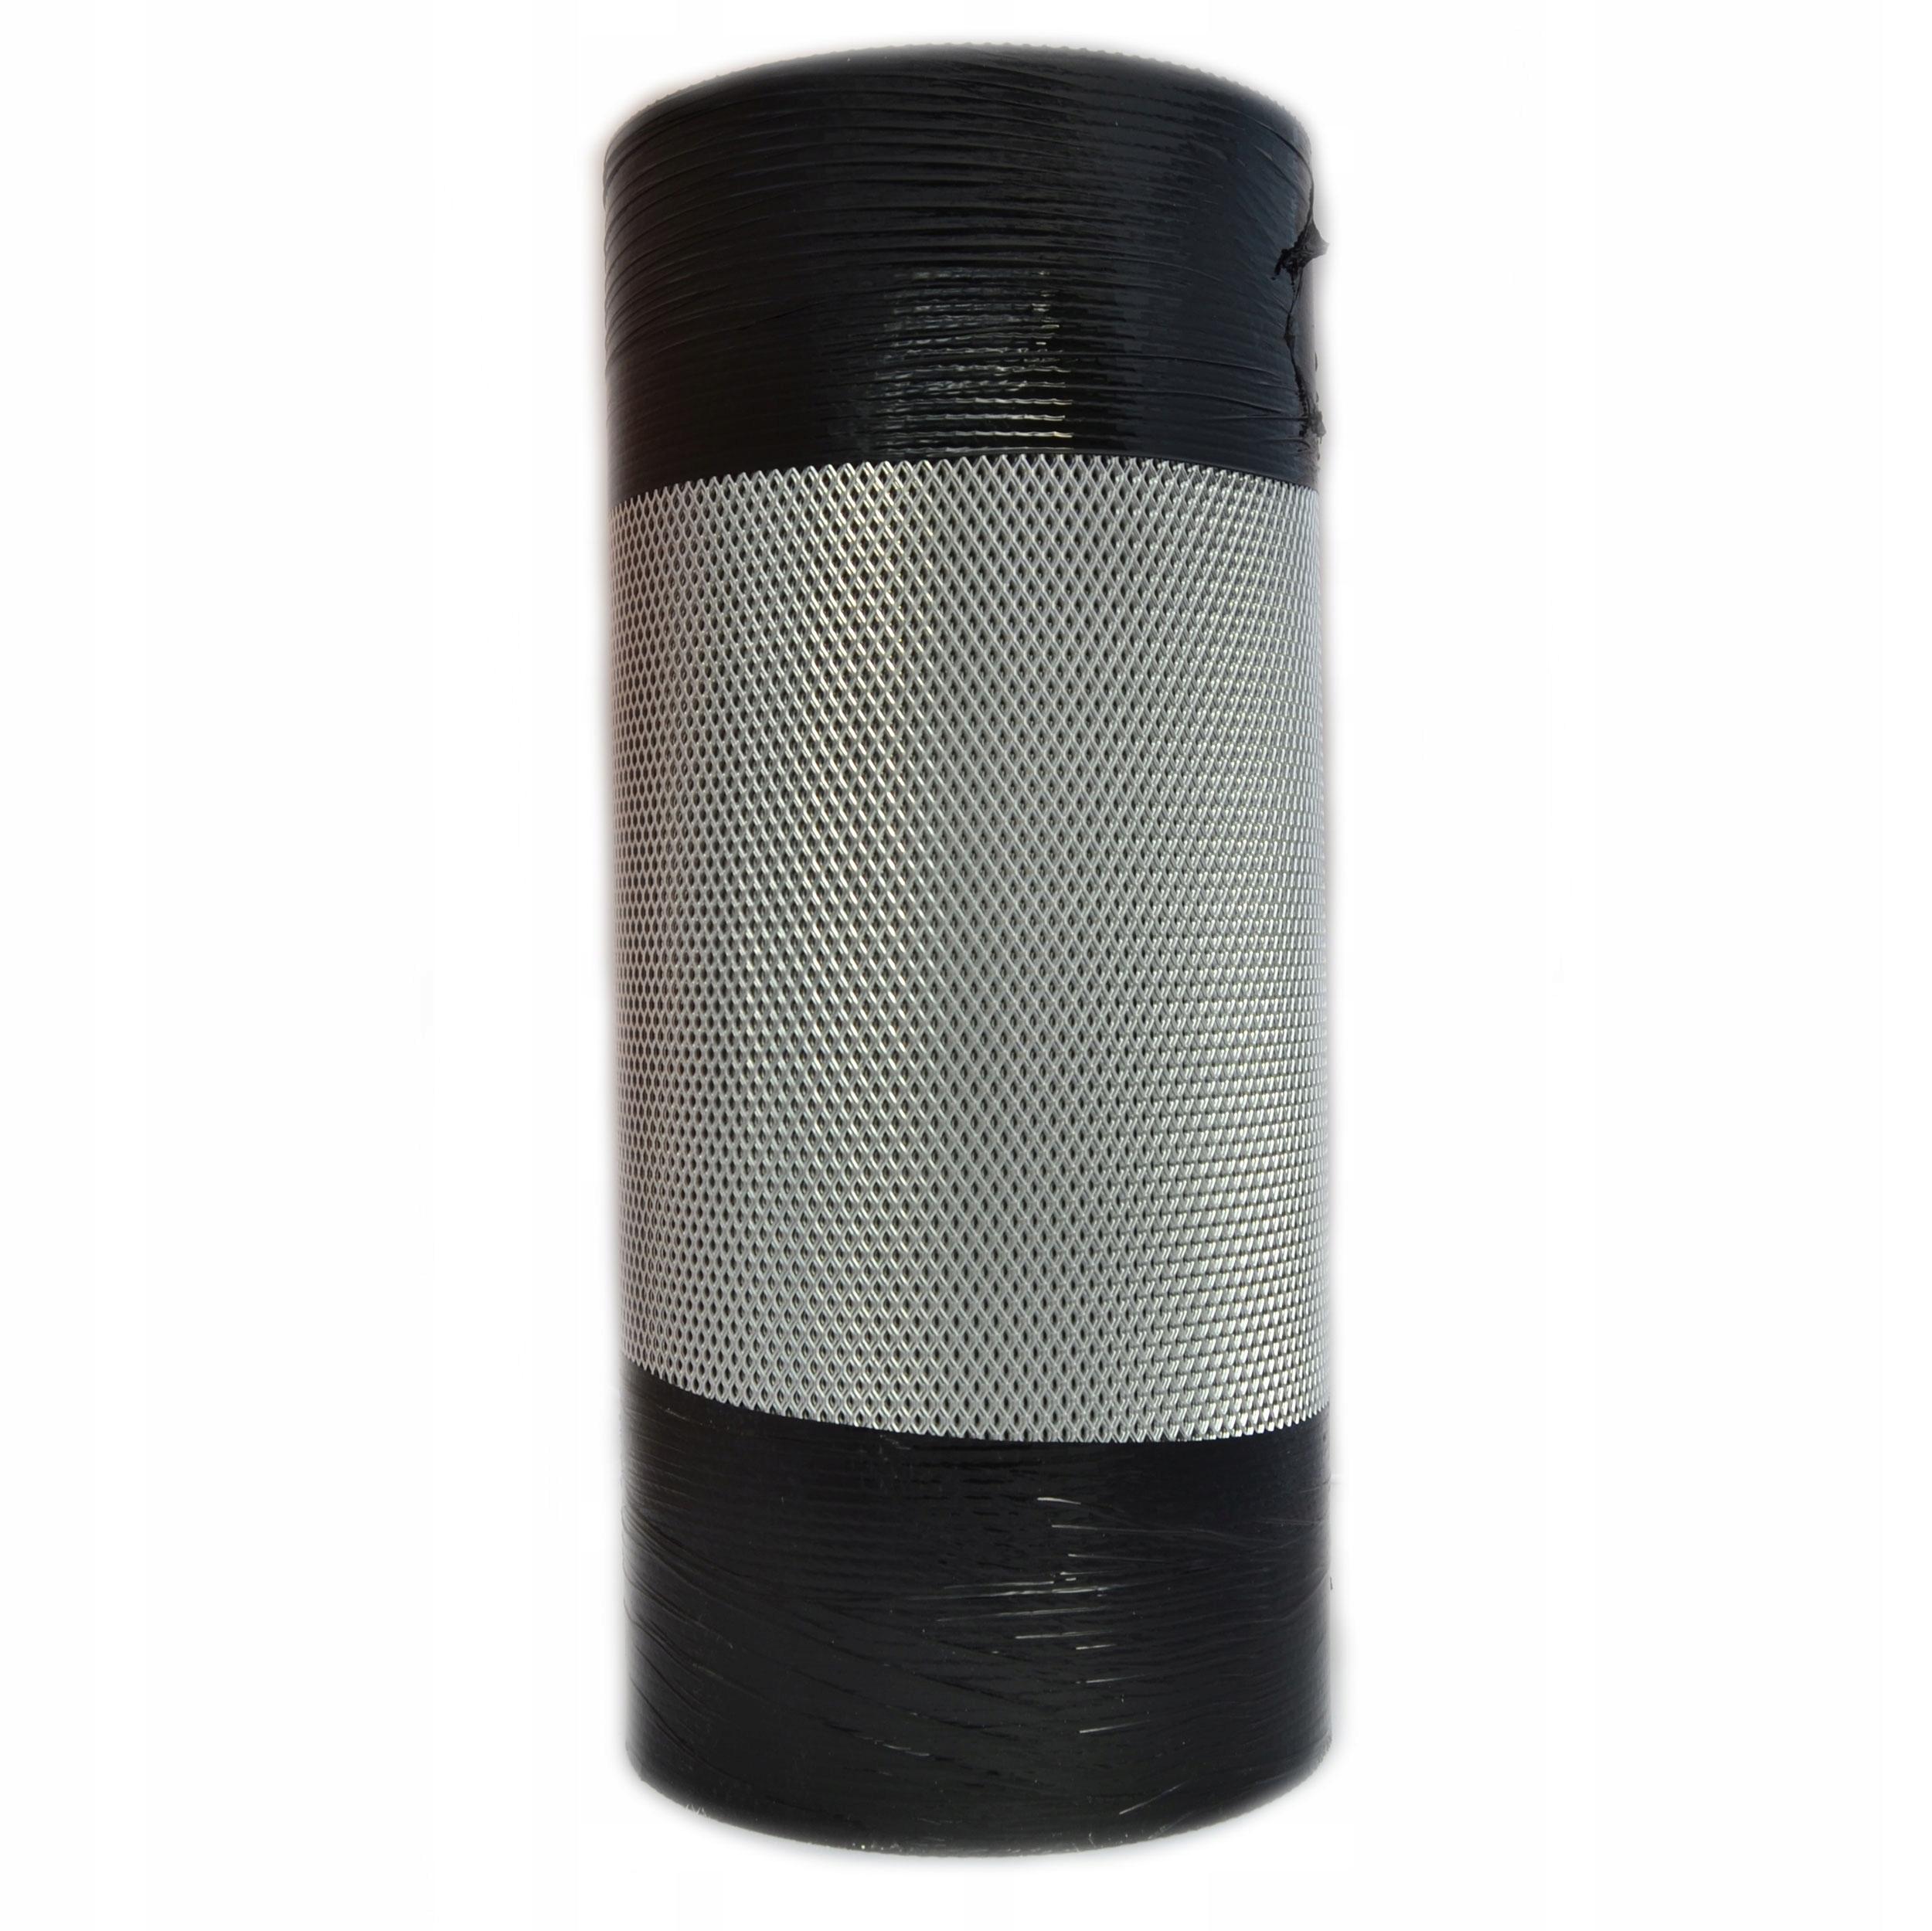 АКЦИЯ! Сетка оцинковка в dennic 420mm x 10mx0,5мм